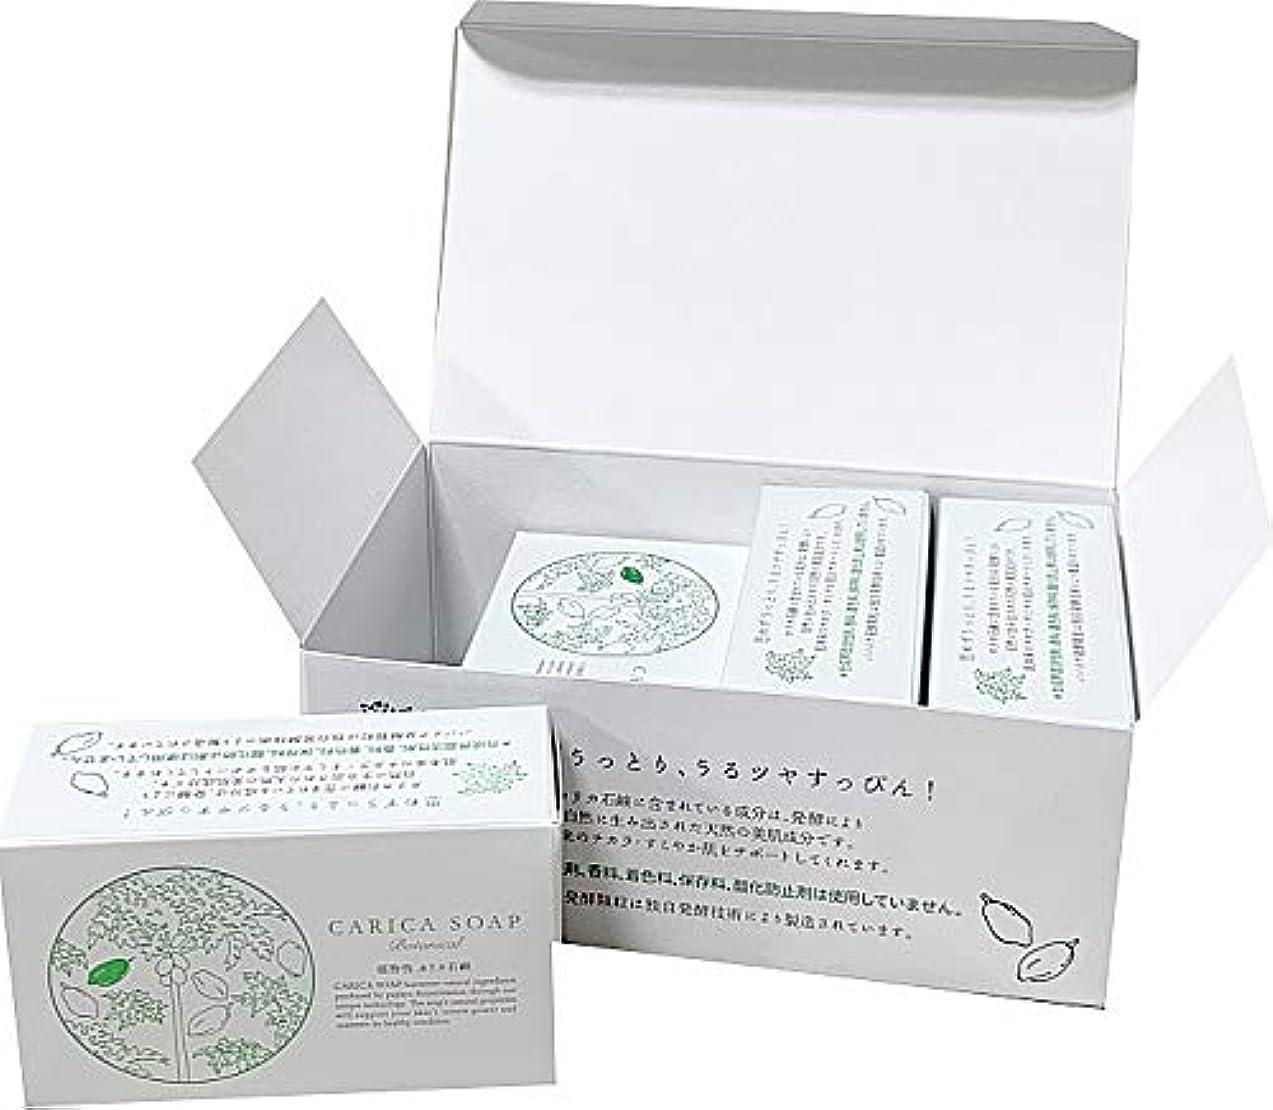 変色する静かに静的植物性カリカ石鹸100g お得な4個セット(箱入)